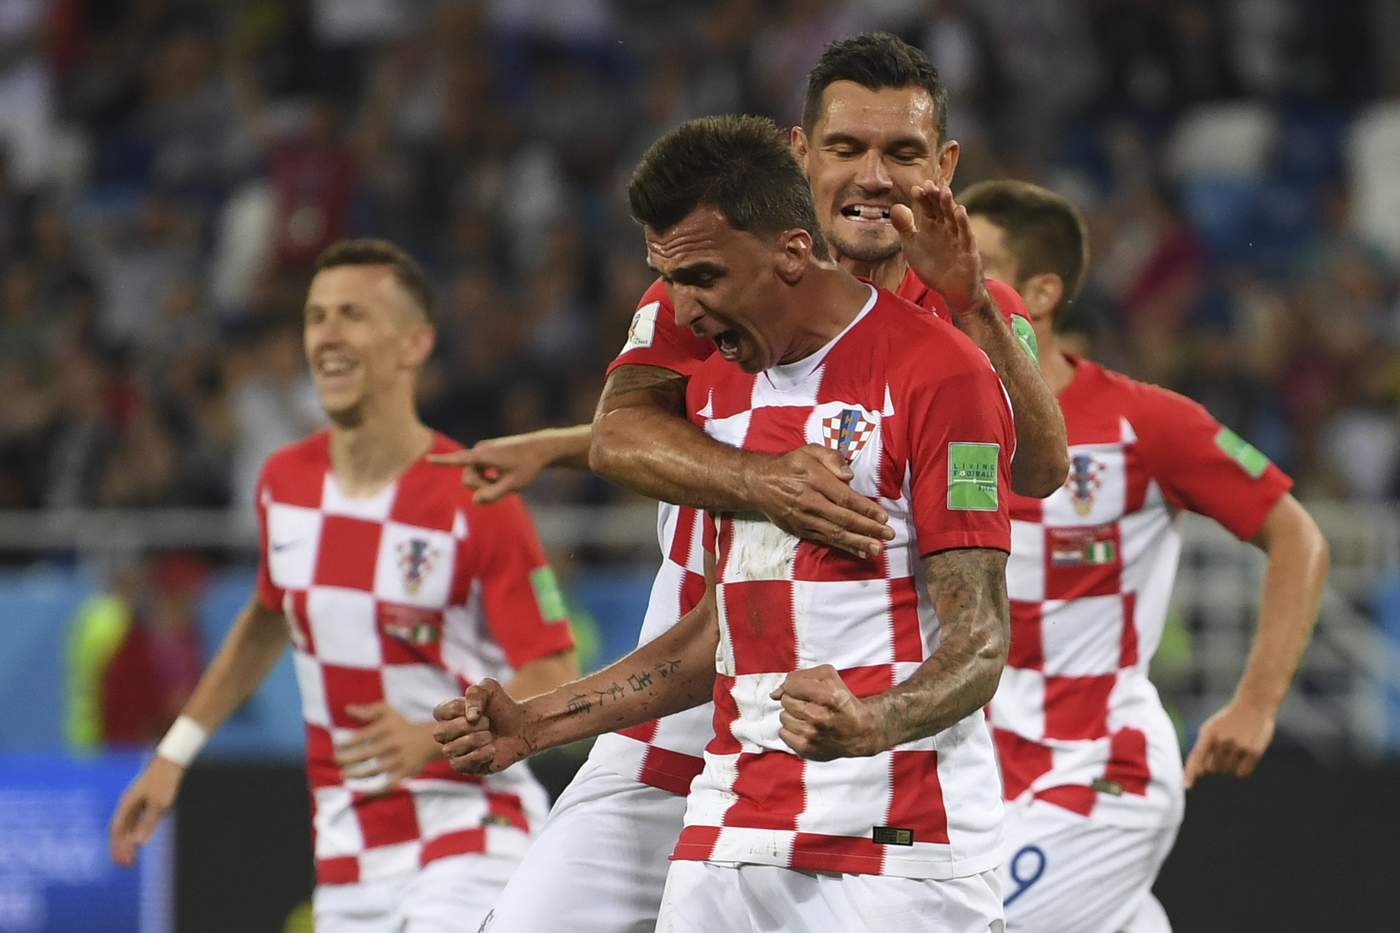 Croazia-Inghilterra mercoledì 11 luglio, analisi e pronostico semifinale Mondiali Russia 2018